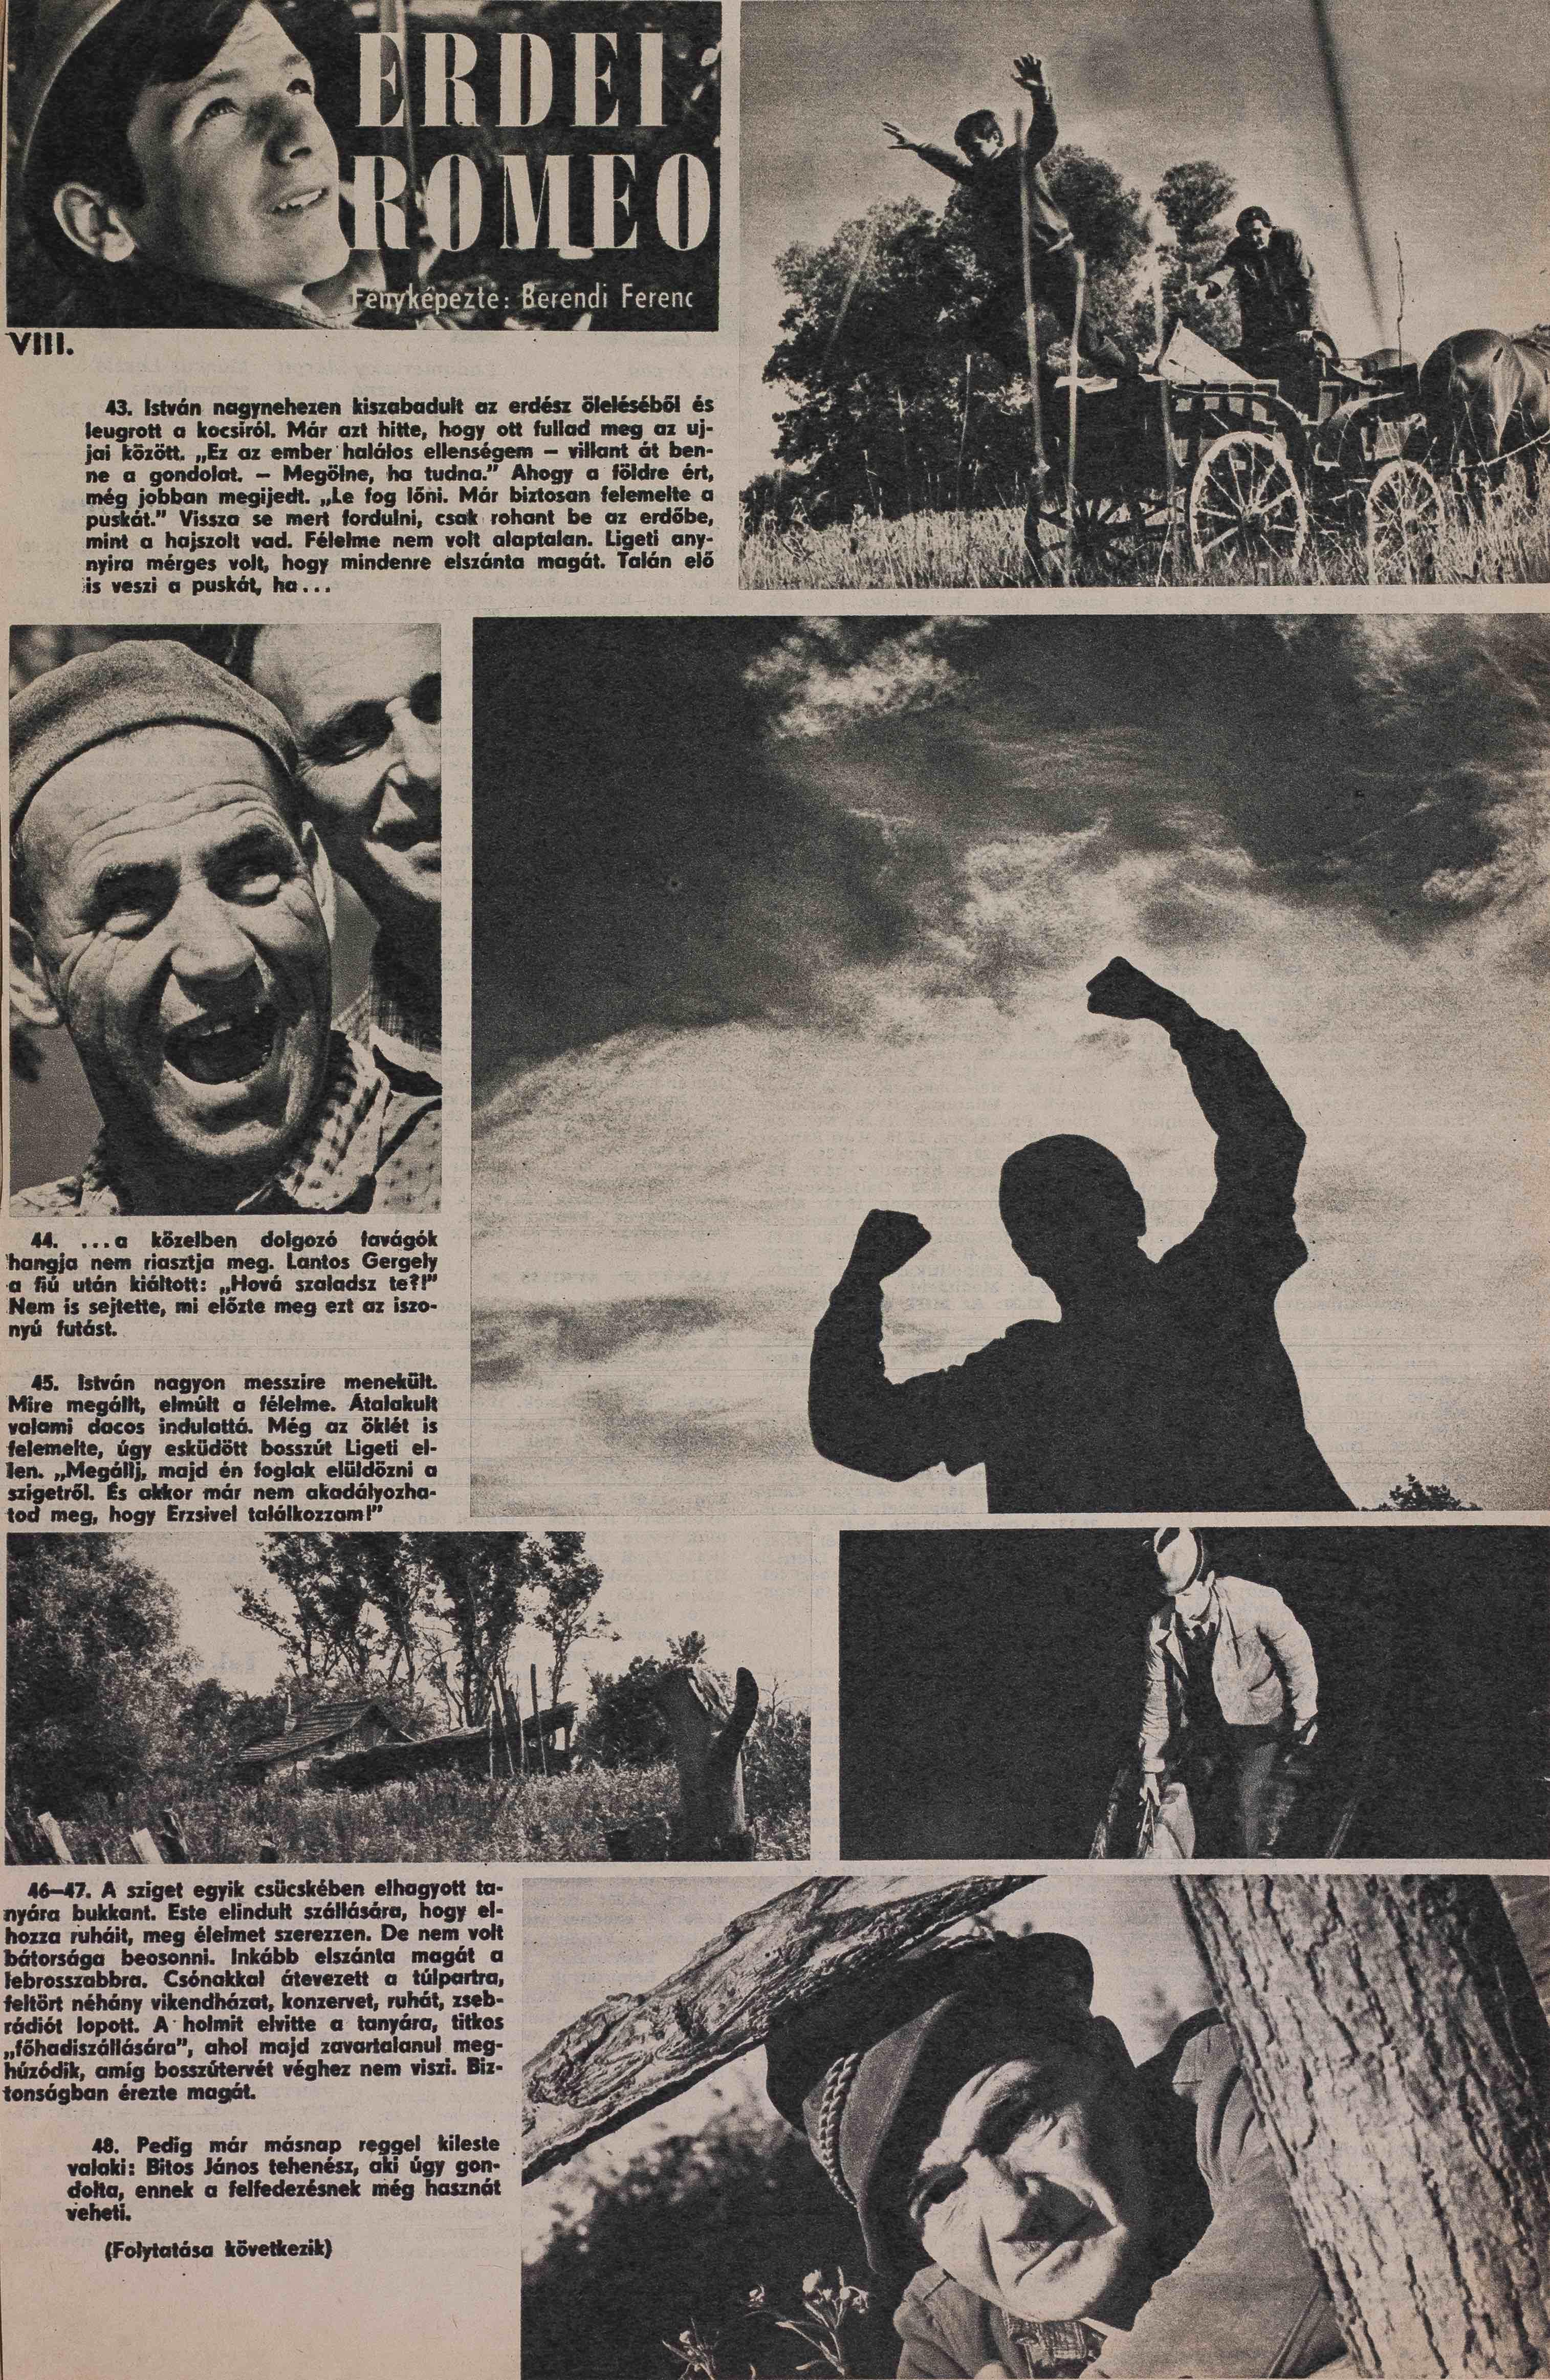 KÚ – 1972. XIII. évf. 26. sz. 13. o.<br />Erdei Rómeó 16. rész. <br /><br />ERDEI ROMEO 1-16. rész<br />fényképezte: Berendi Ferenc<br />KÉPES ÚJSÁG – 1972 XIII. évf. 10.- 26. szám 13. o.<br />